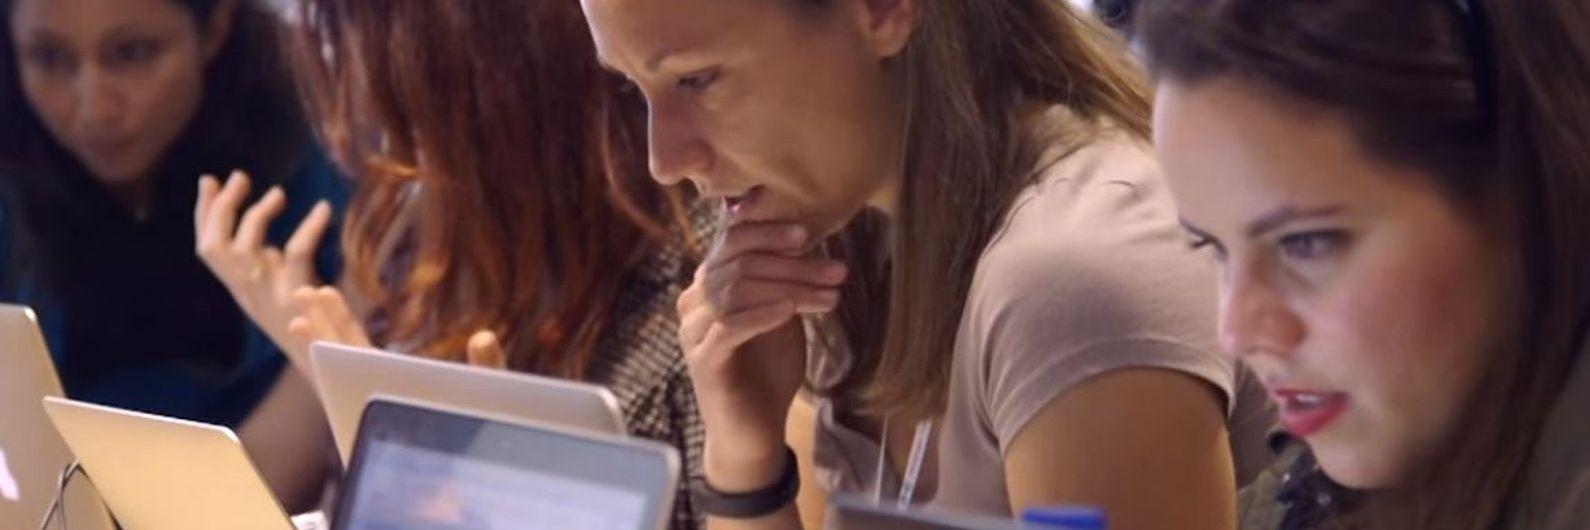 Mulheres são mais na universidade mas continuam a ser poucas nos cursos de tecnologia